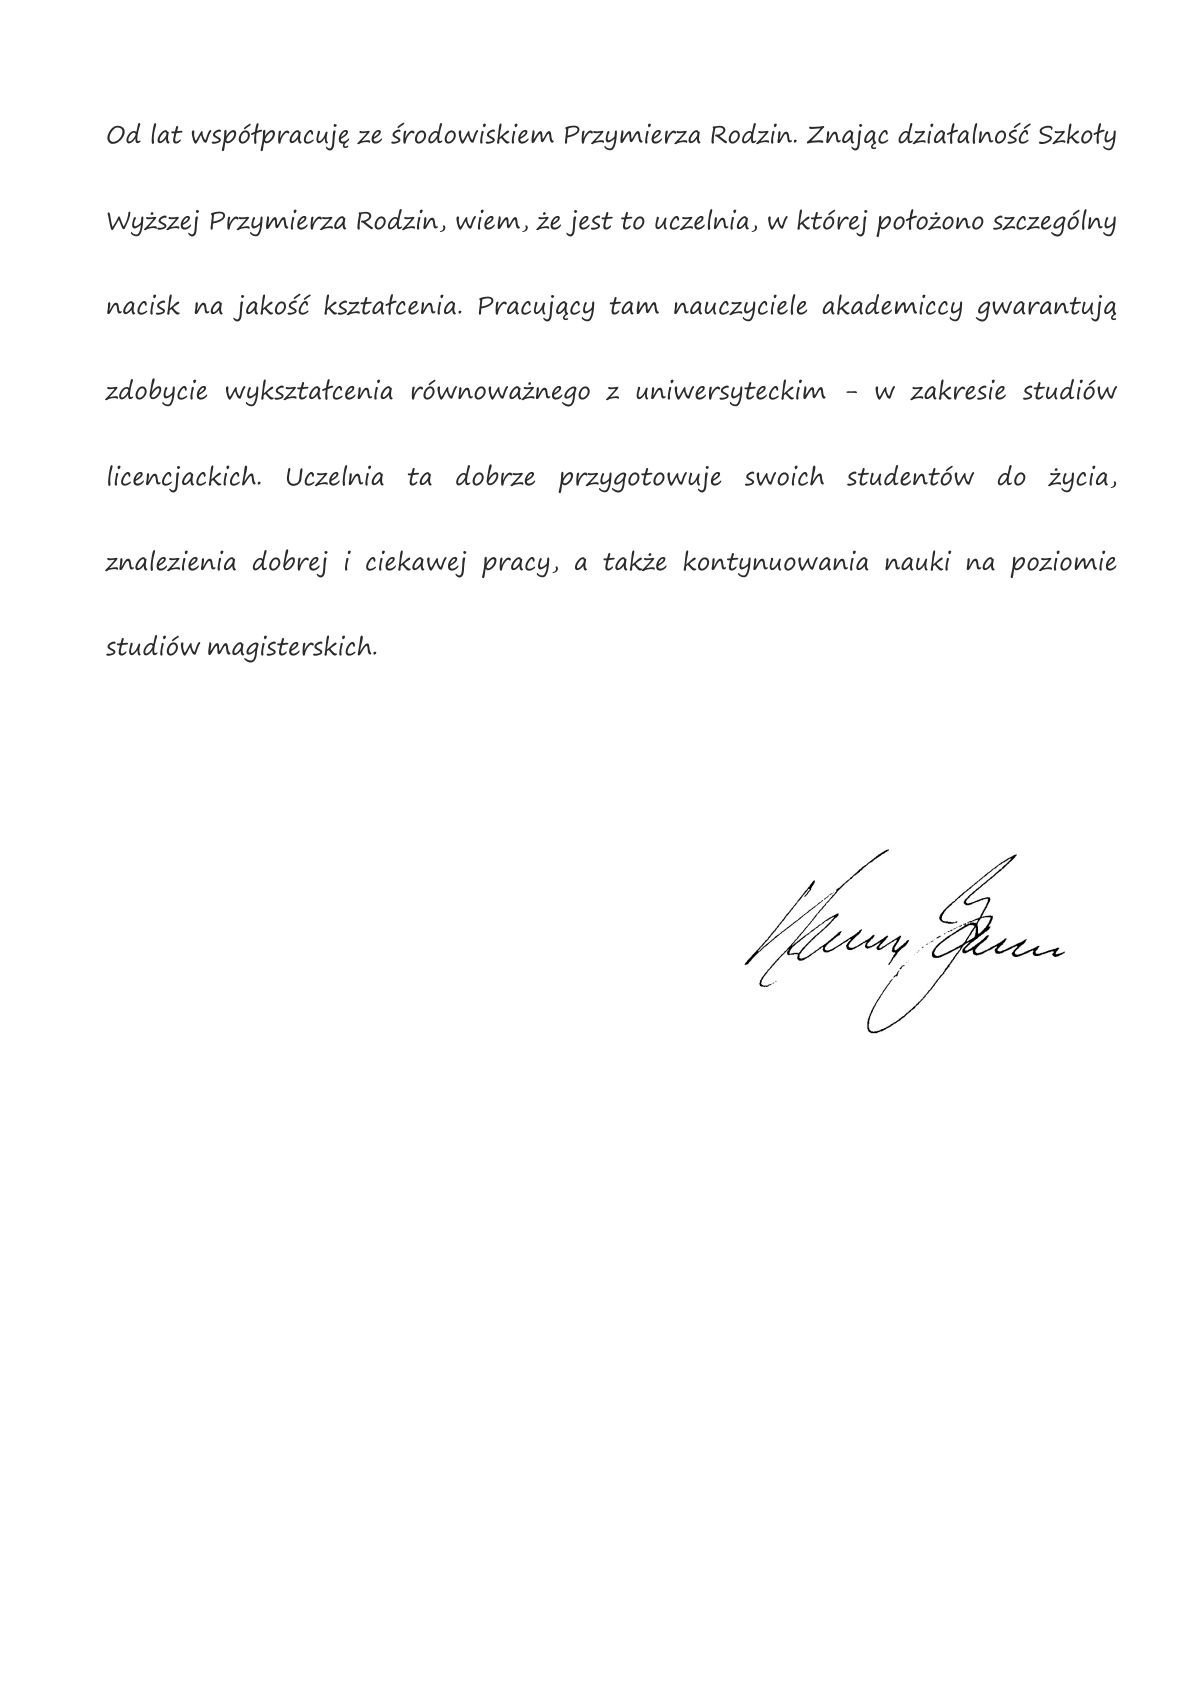 Krzysztof Zanussi - list polecajacy SWPR